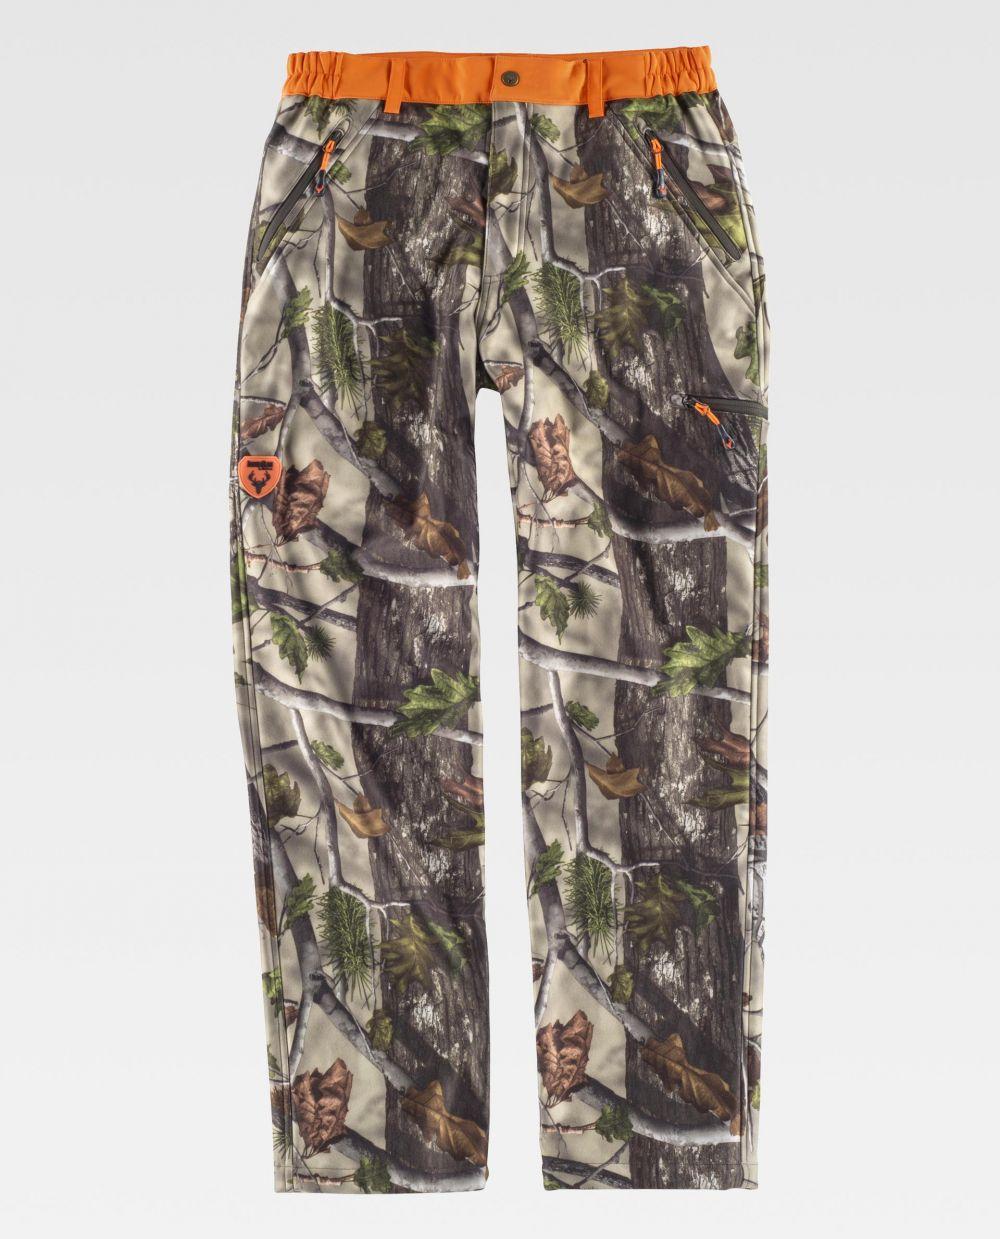 Pantalones de trabajo workteam s8360 de 100% algodón vista 1